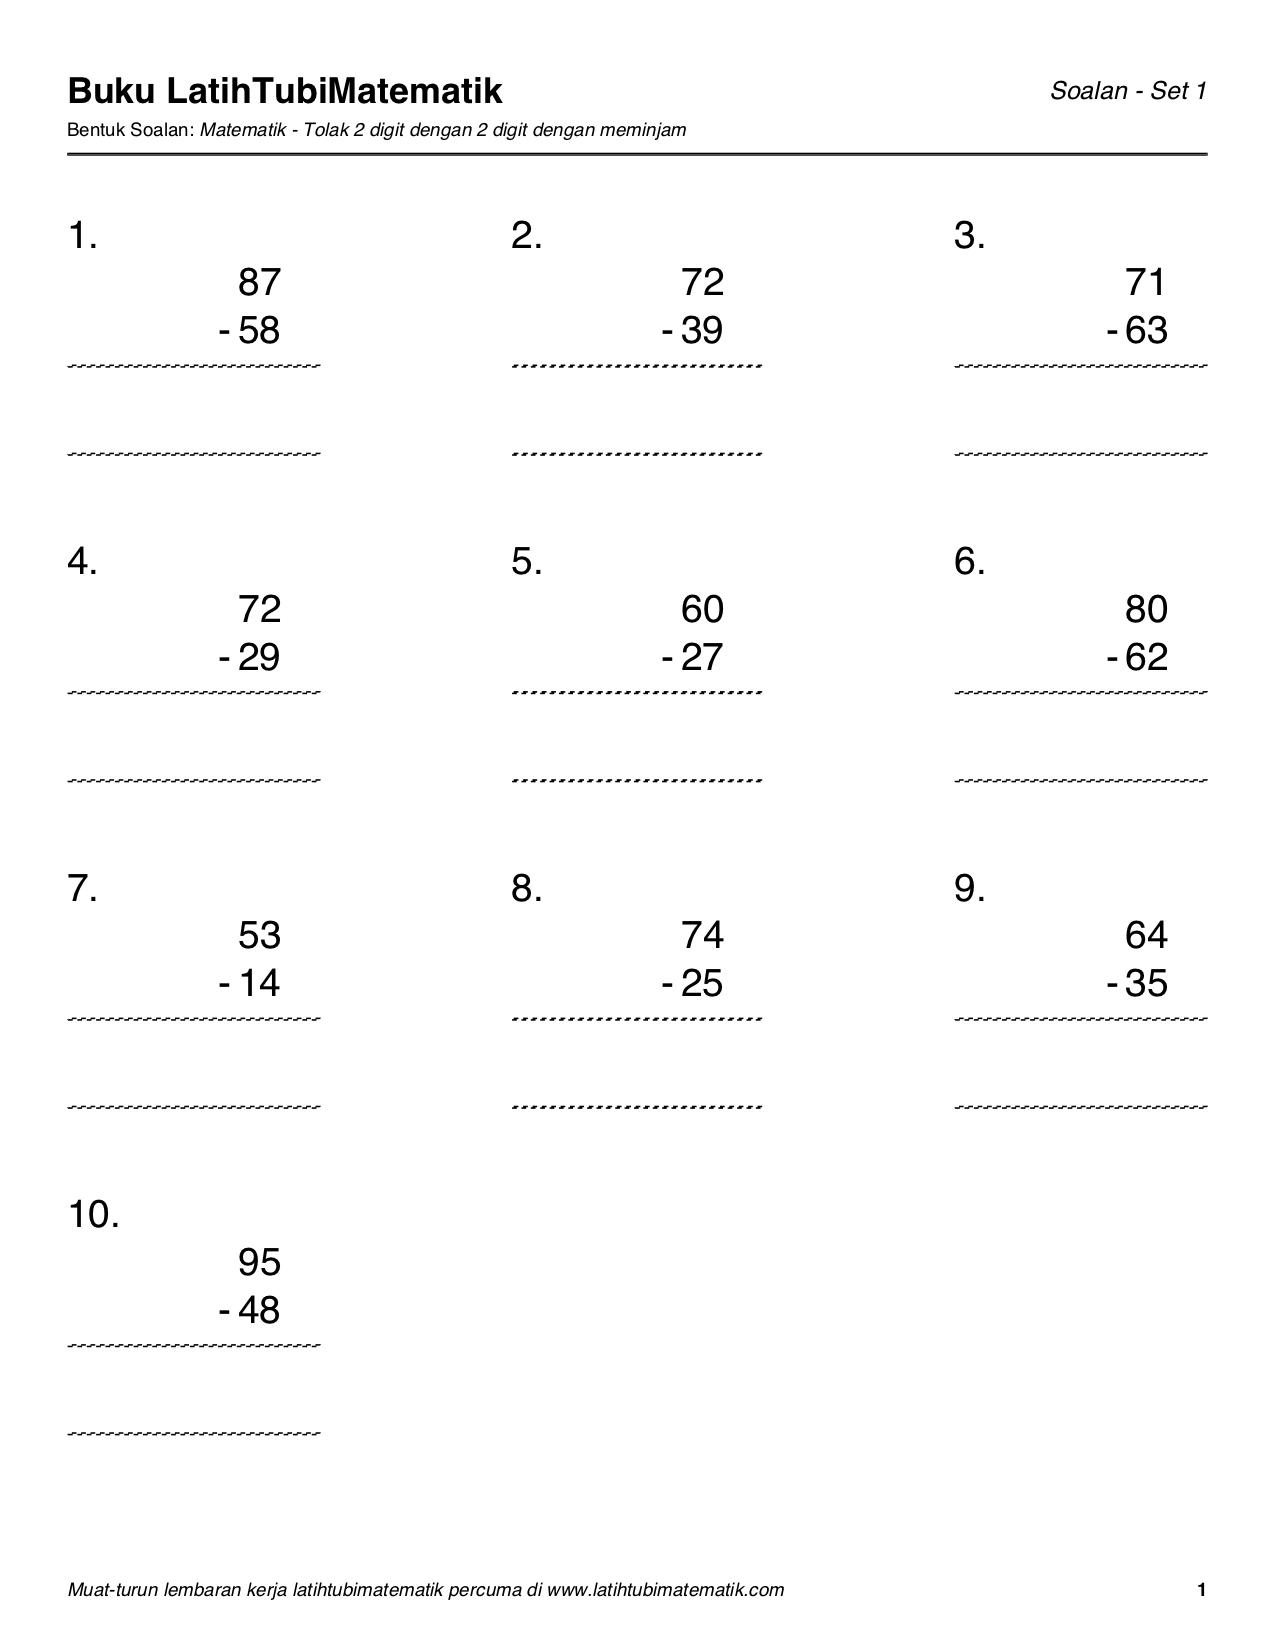 Latihtubimatematik Com Kami Akan Menyediakan Latihtubi Untuk Pelajaran Matematik Sekolah Rendah Secara Percuma Yang Berkaitan Dengan Tambah Tolak Darab Bahagi Kami Juga Akan Penyediakan Latihtubi Mengikut Topik Selaras Dengan Kssr